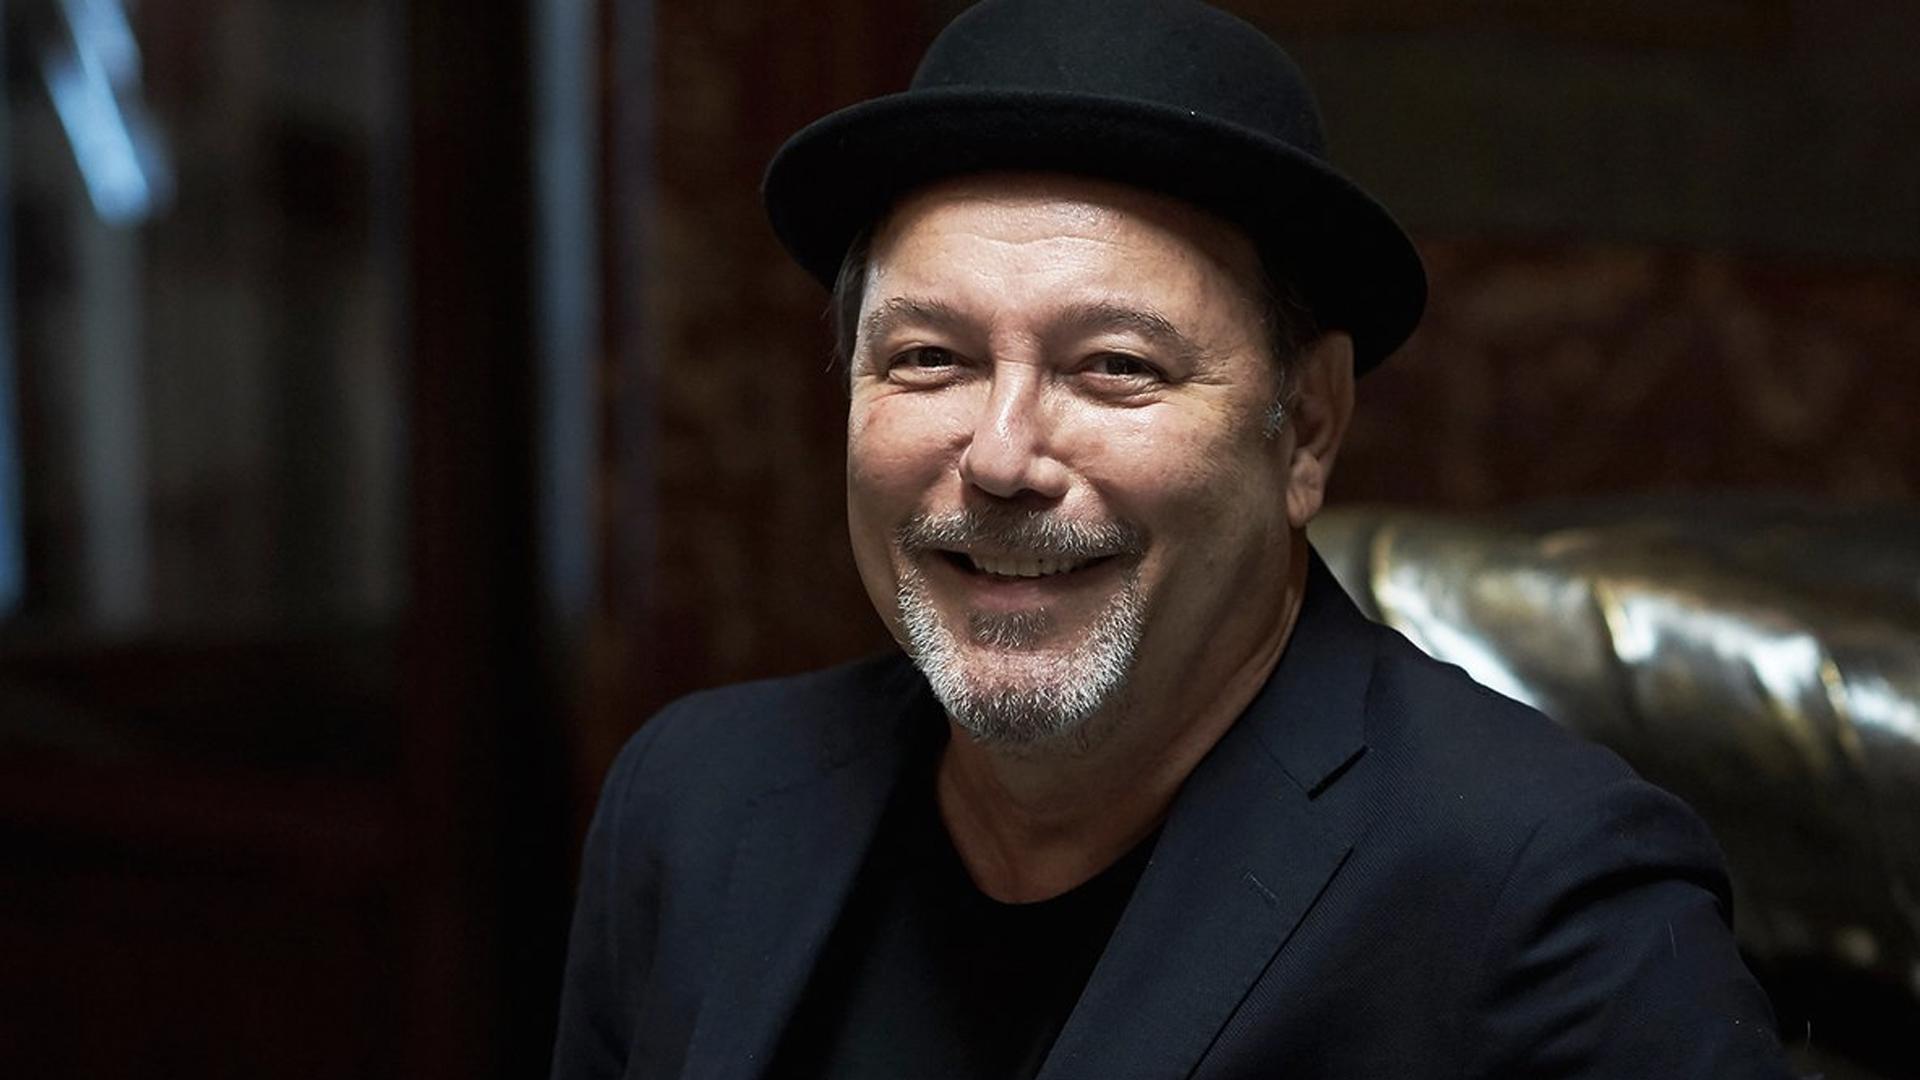 Roban mucho dinero a Rubén Blades en hotel de Veracruz